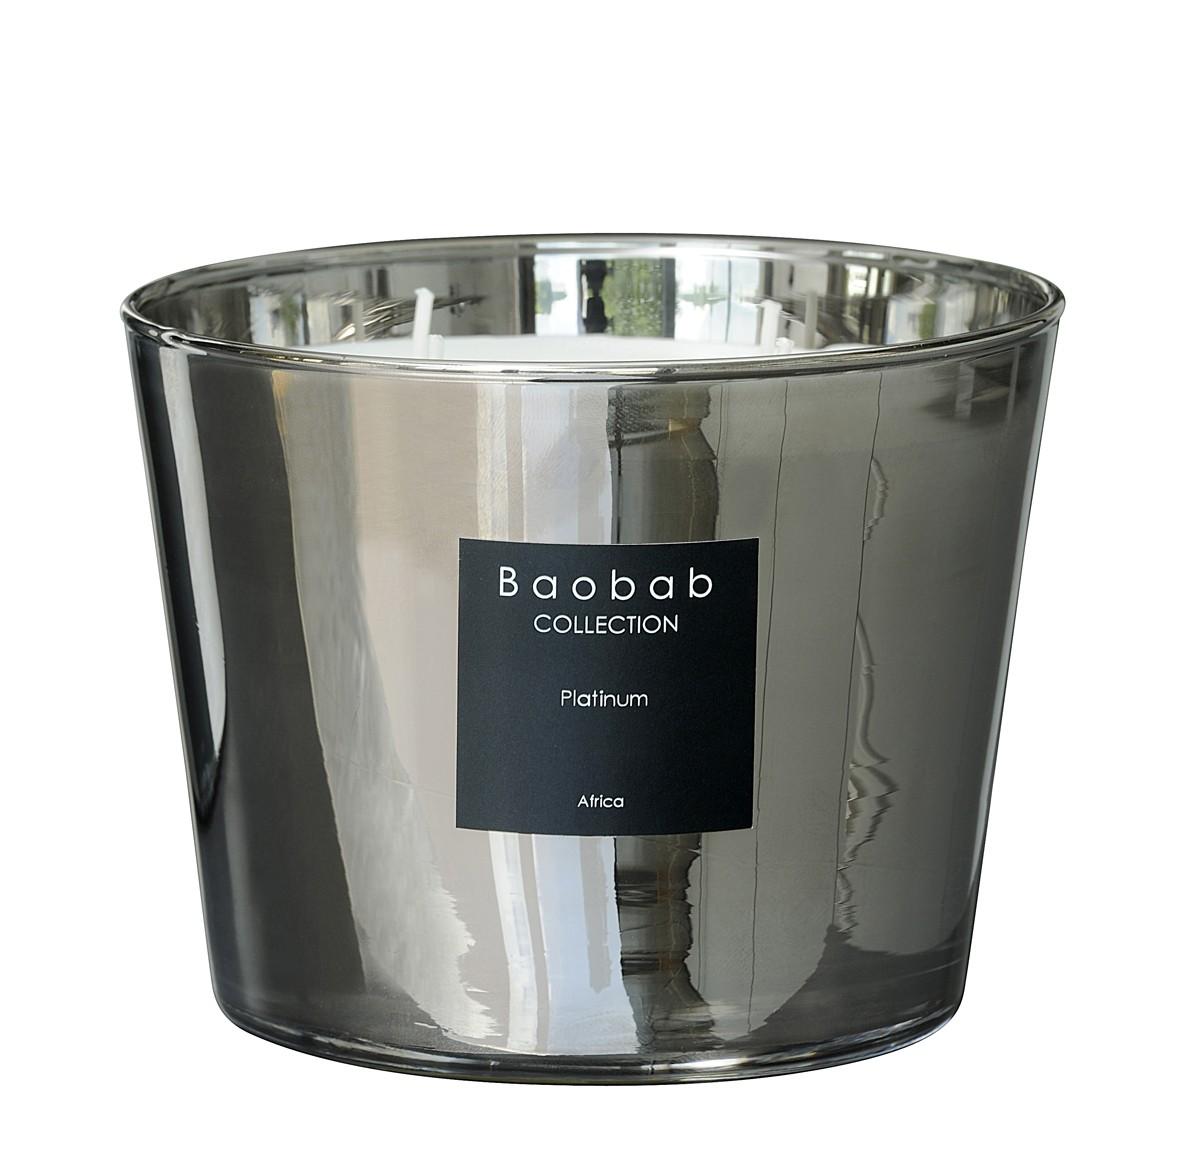 Bougie Platinum De Baobab Collection 4 Tailles